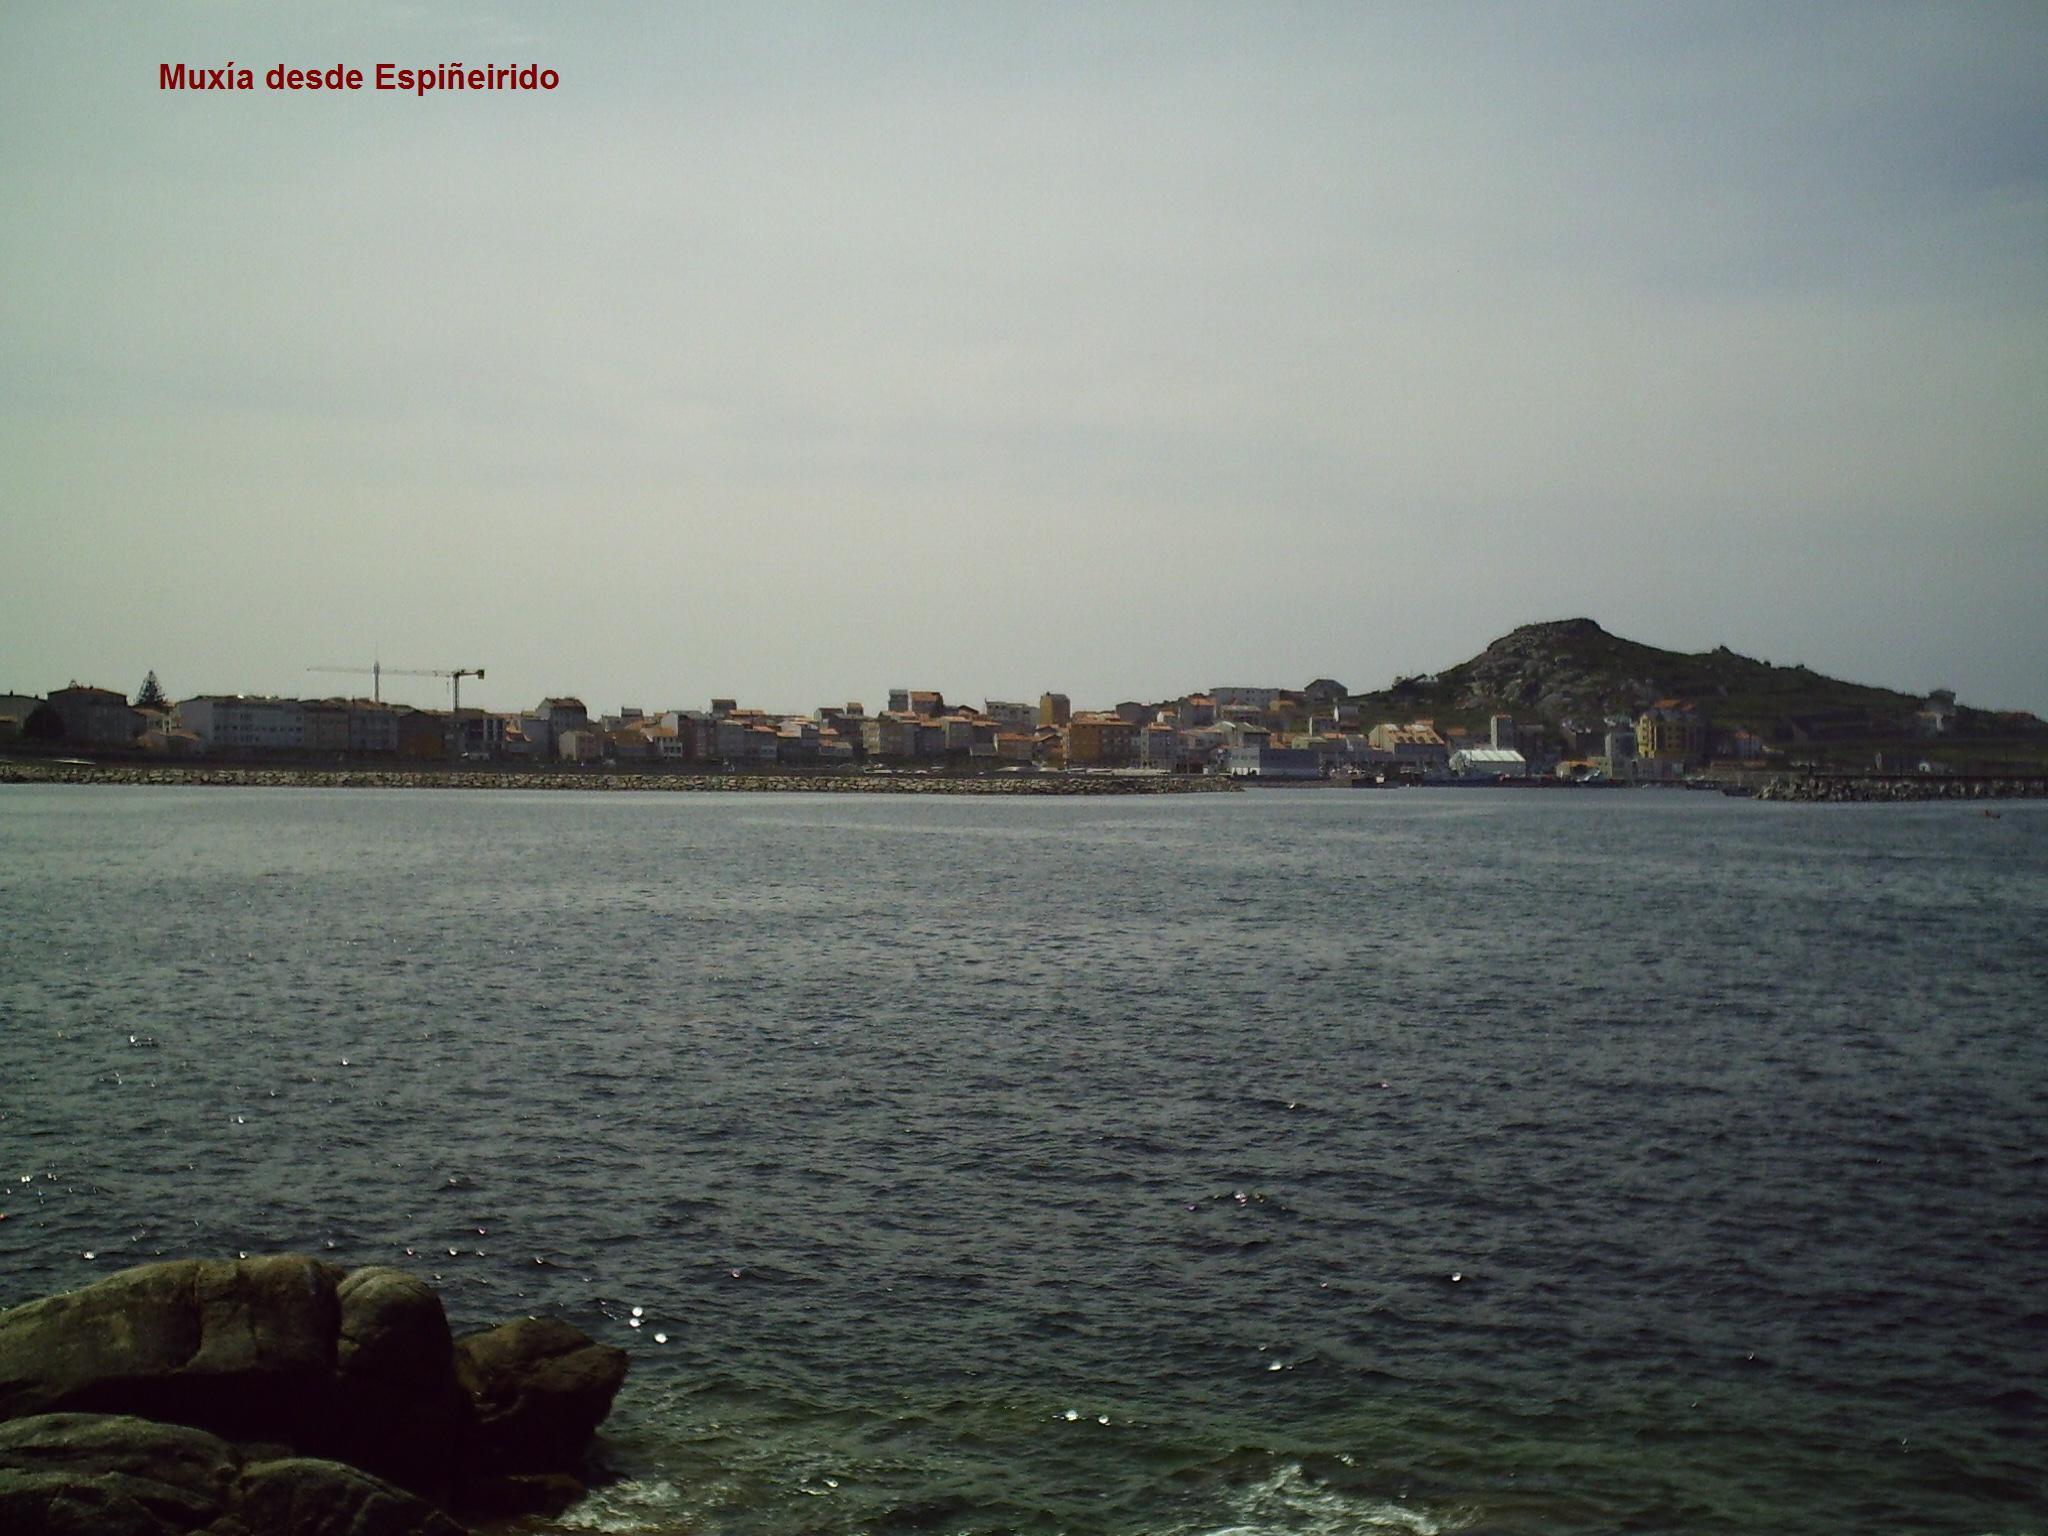 Foto playa Barreiros. Muxía desde Espiñeirido